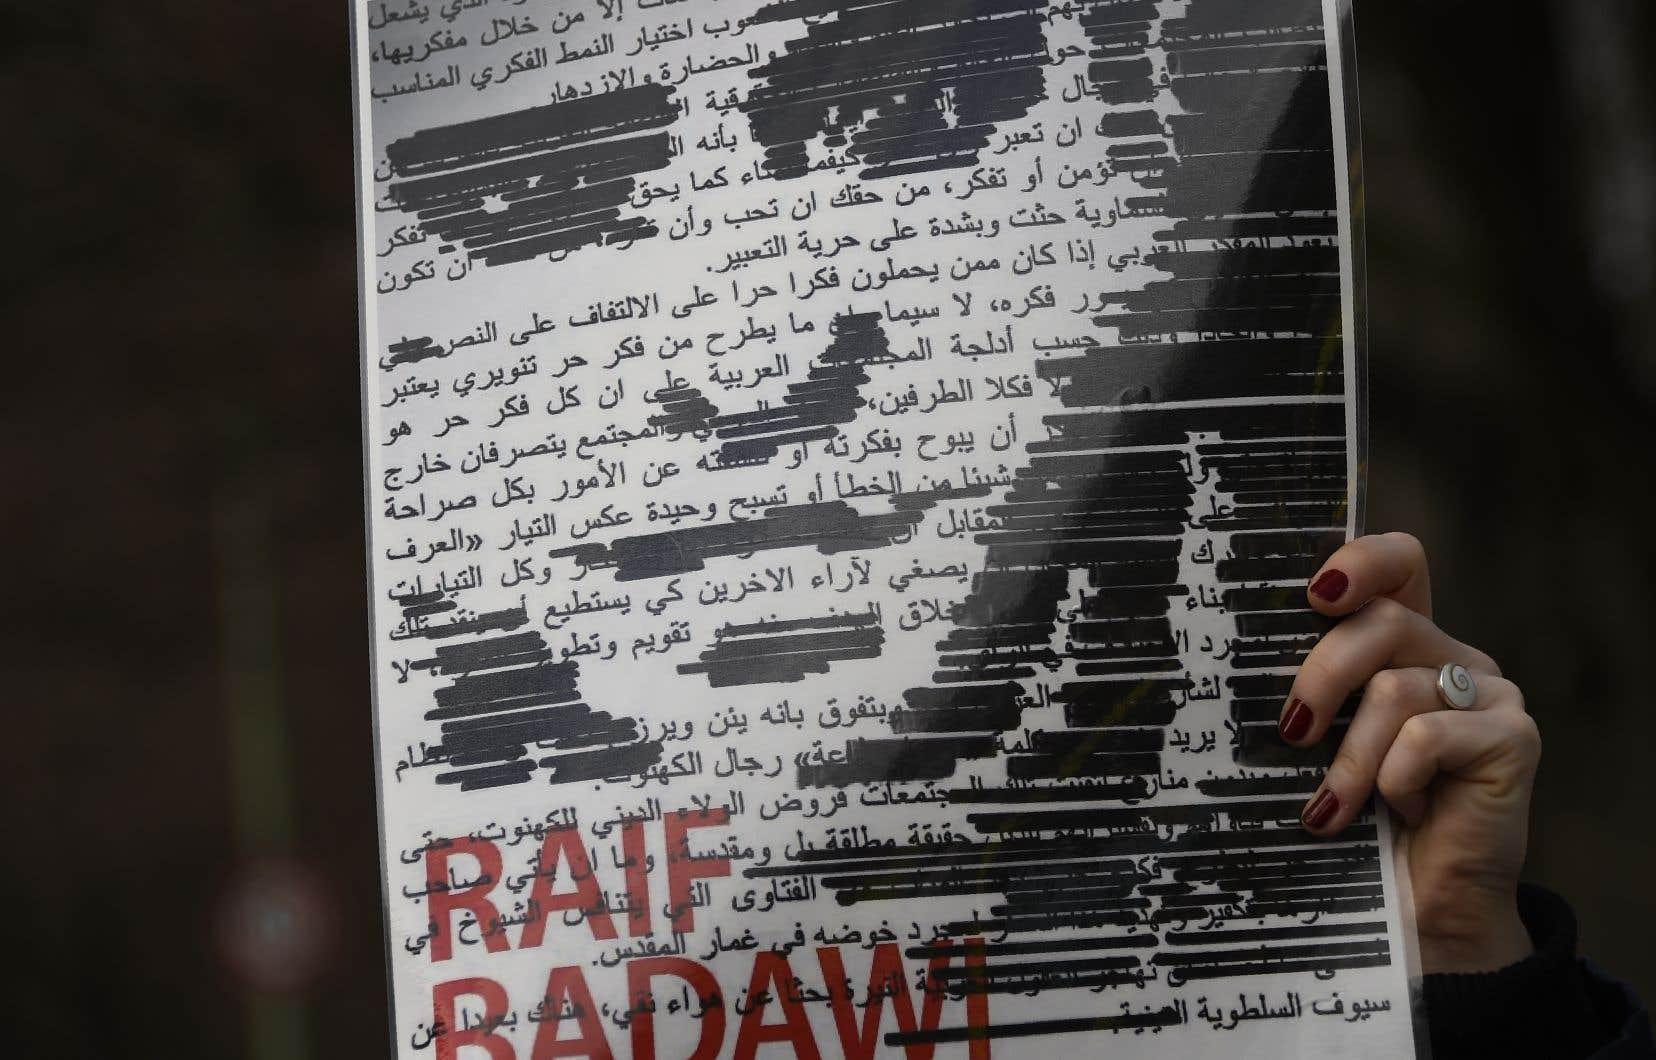 «Raif Badawi languit en prison depuis sept ans et demi pour avoir dit à l'époque ce que le prince héritier dit lui-même depuis des mois, soit qu'il veut une Arabie Saoudite plus ouverte et un Islam plus modéré», souligne l'avocat de la famille Badawi.